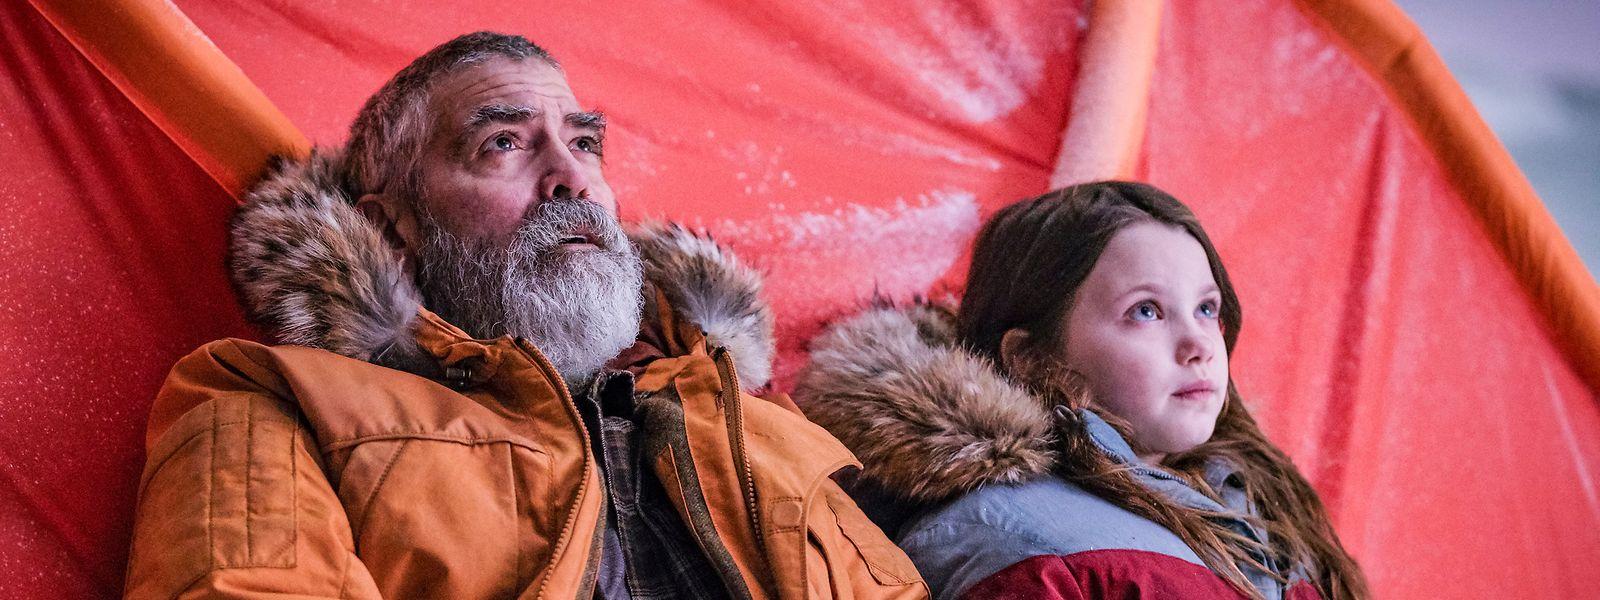 """George Clooney (Augustine) und Caoilinn Springall (Iris) in einer Szene des Films """"The Midnight Sky"""". Der Film ist ab dem 23.12.2020 beim Streamingdienst Netflix verfügbar."""